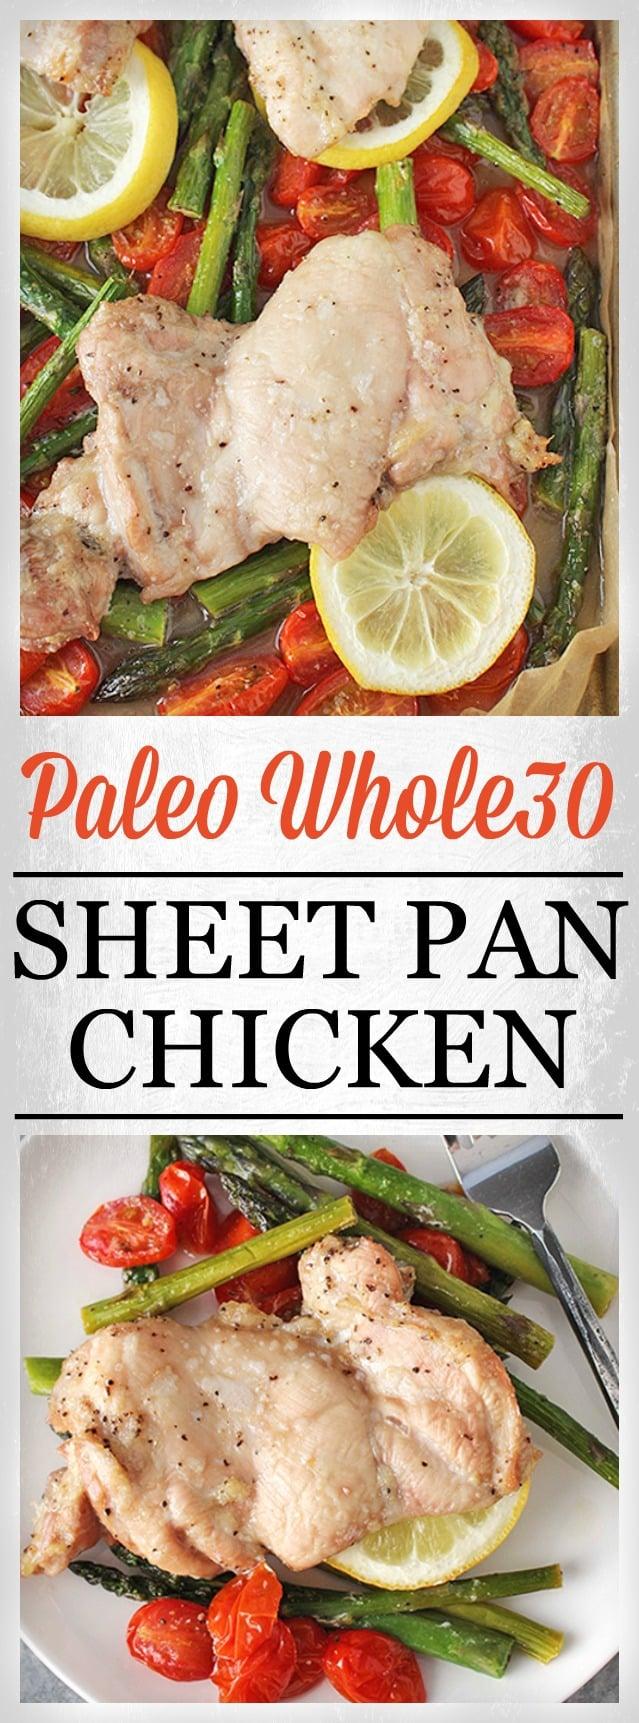 Paleo Whole30 Sheet Pan Dinner